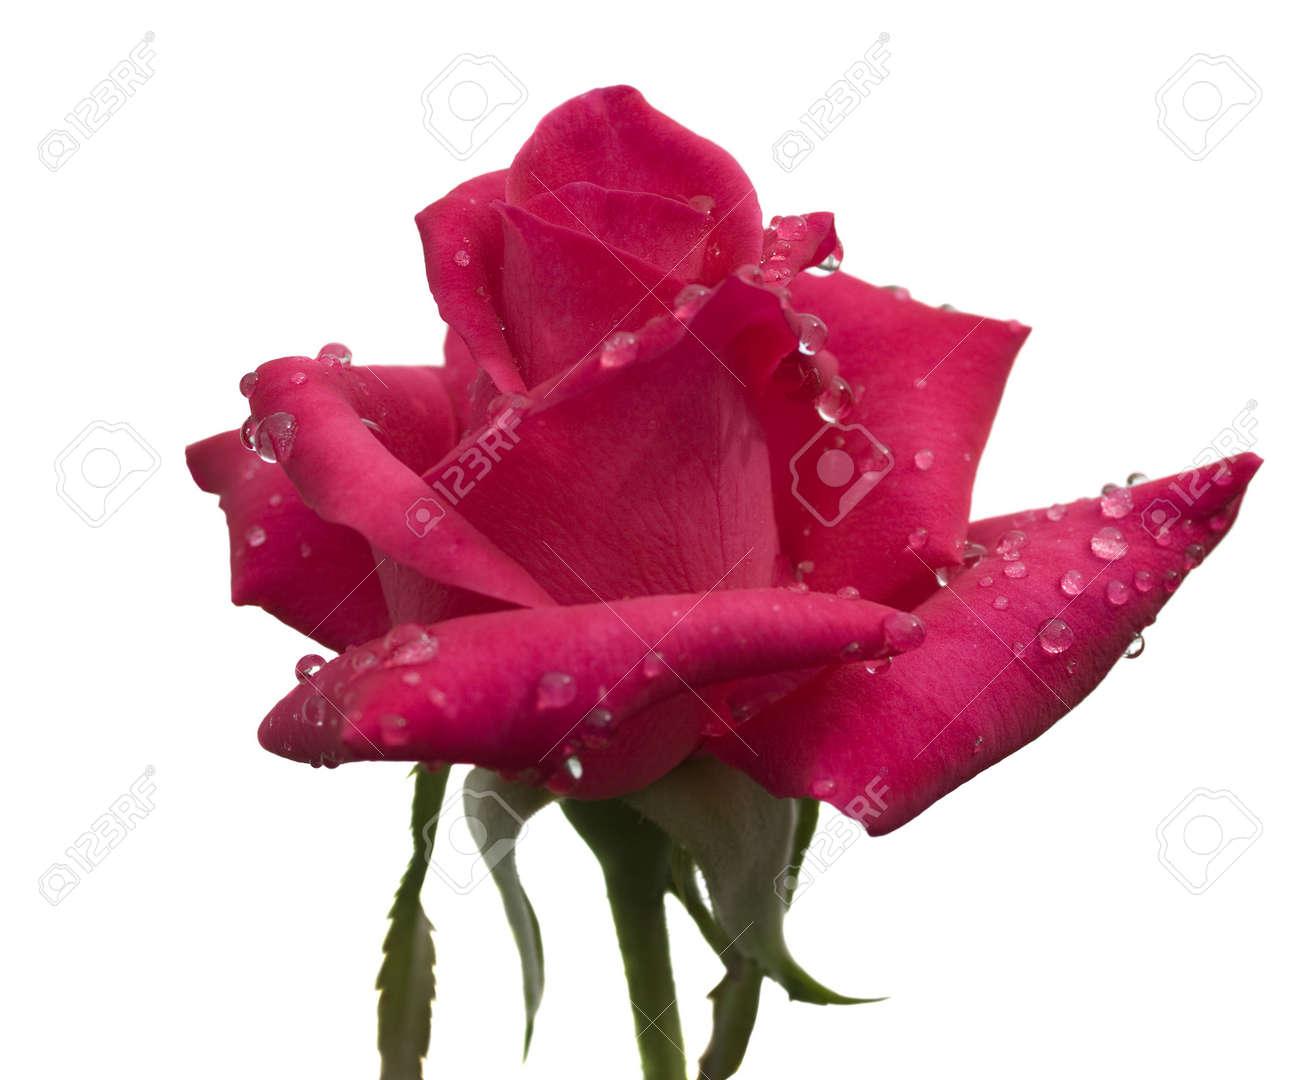 pluie fraîche rosée sur la tige de la cerise fleur rose rouge avec